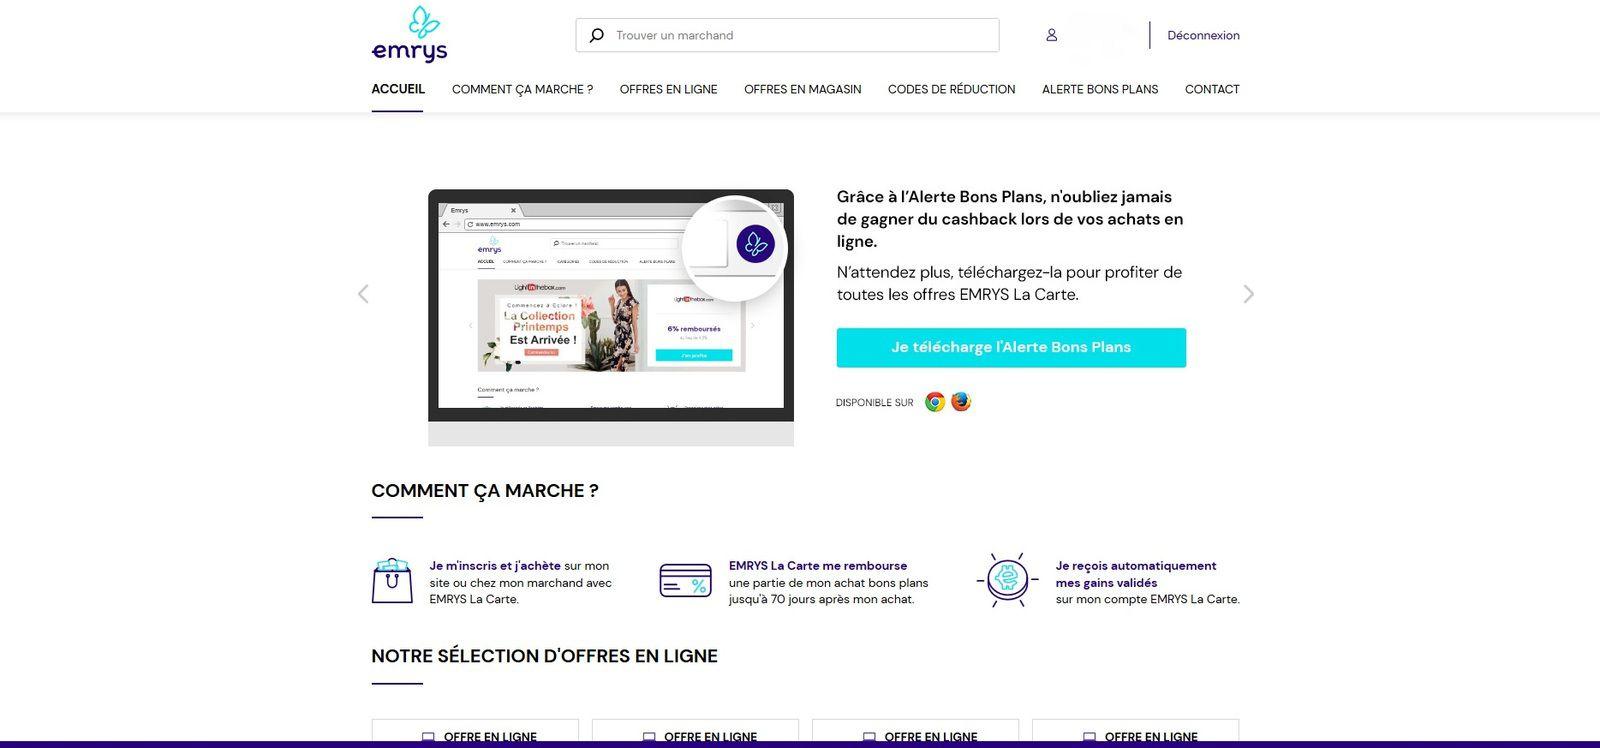 accueil site marchand emrys Effectuer un achat missbonsplansdunet